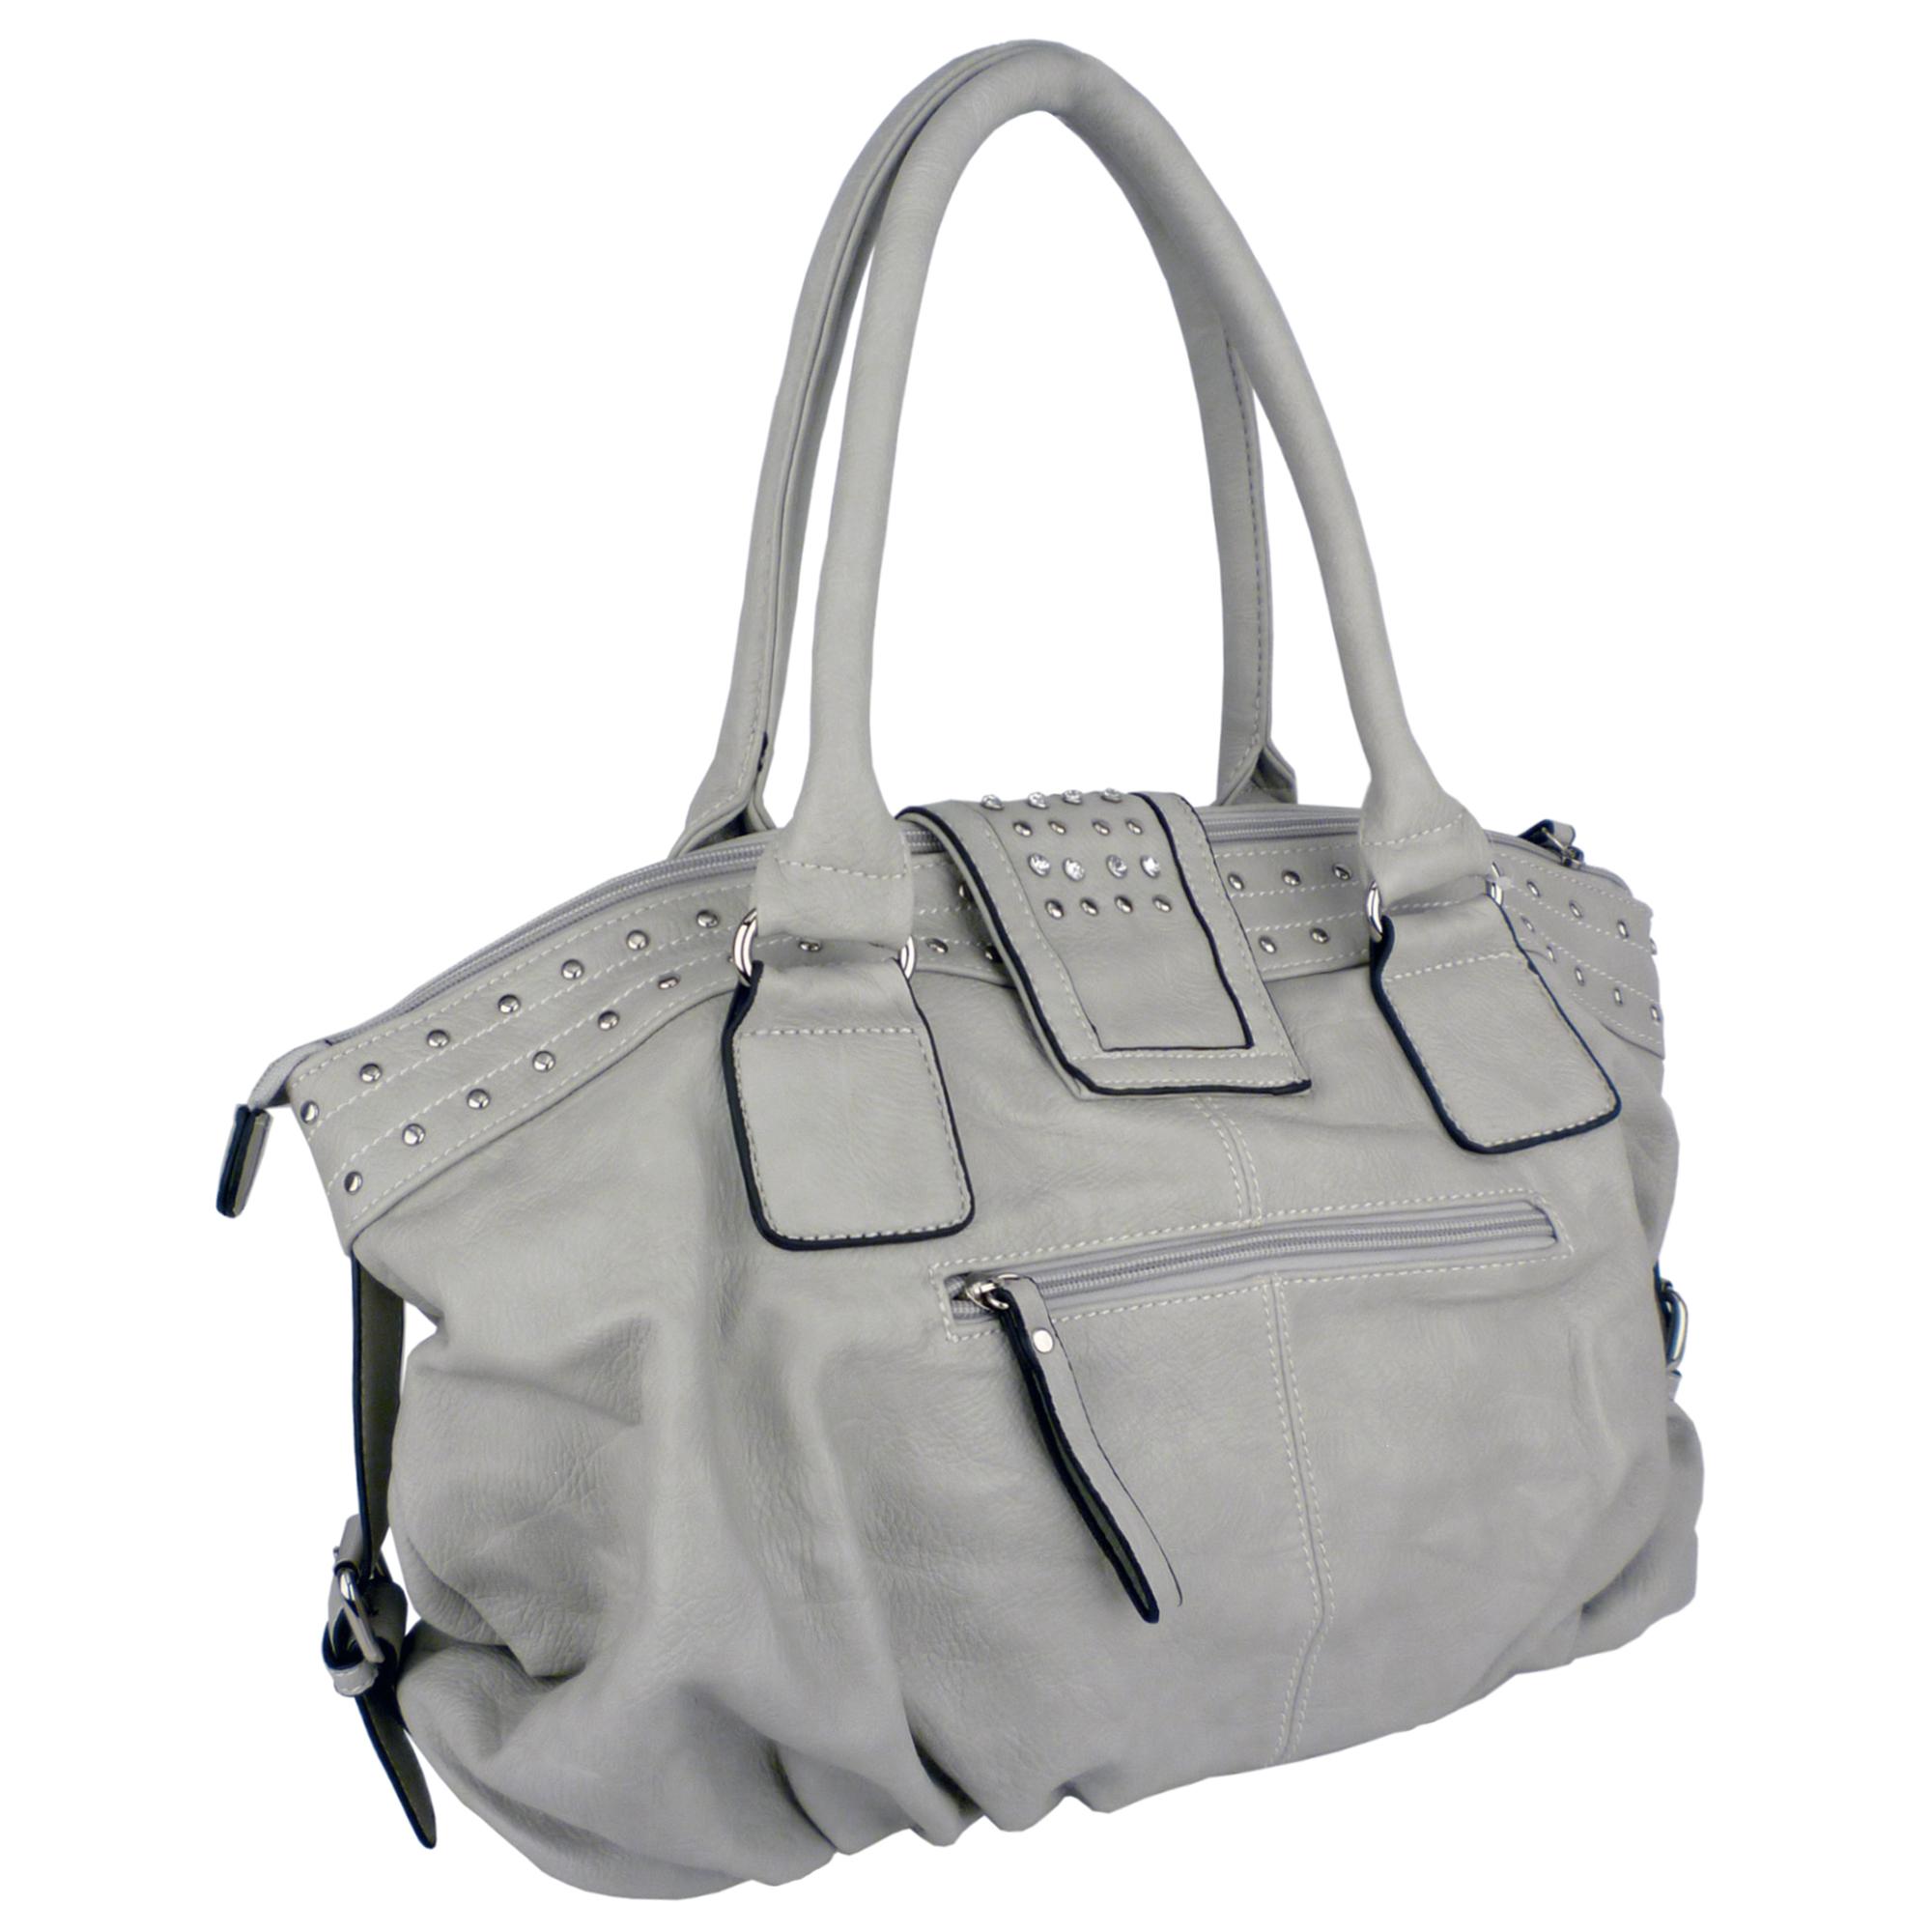 BRENNA Grey Studded Soft Shopper Style Hobo Handbag Angled 2